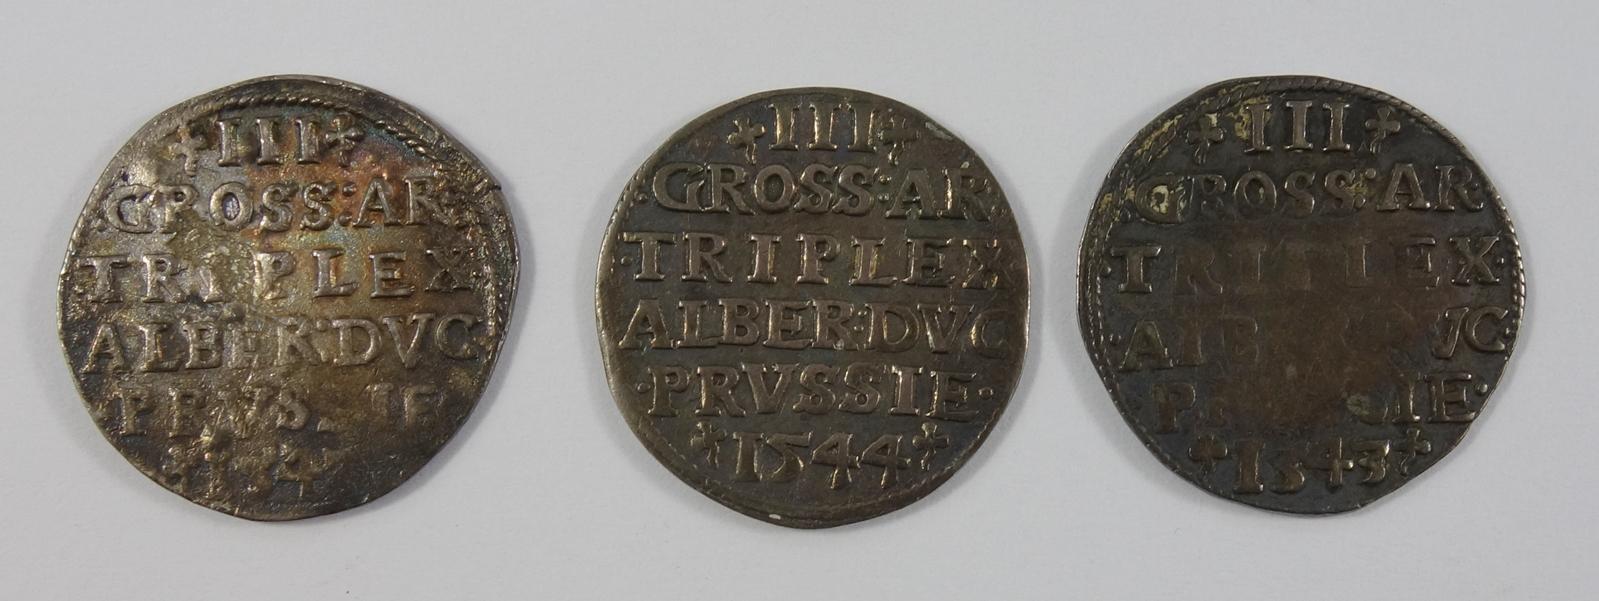 3* 3 Groschen 1543/44, Preußen, Herzogtum (Ostpreußen) Albrecht von Brandenburg 1525-1568, - Bild 2 aus 2